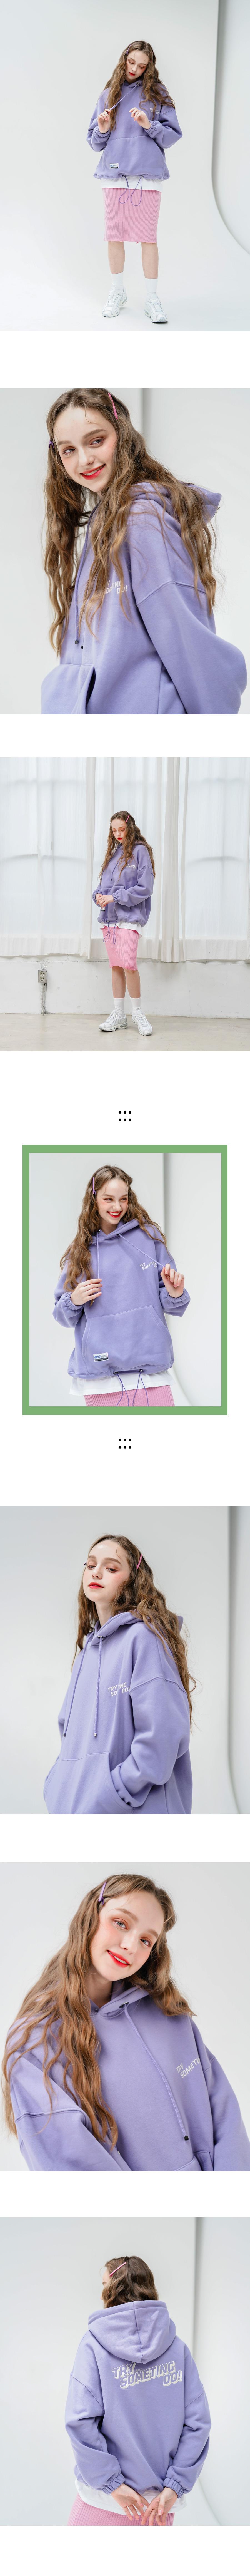 8058_01_model_lavender_02.jpg